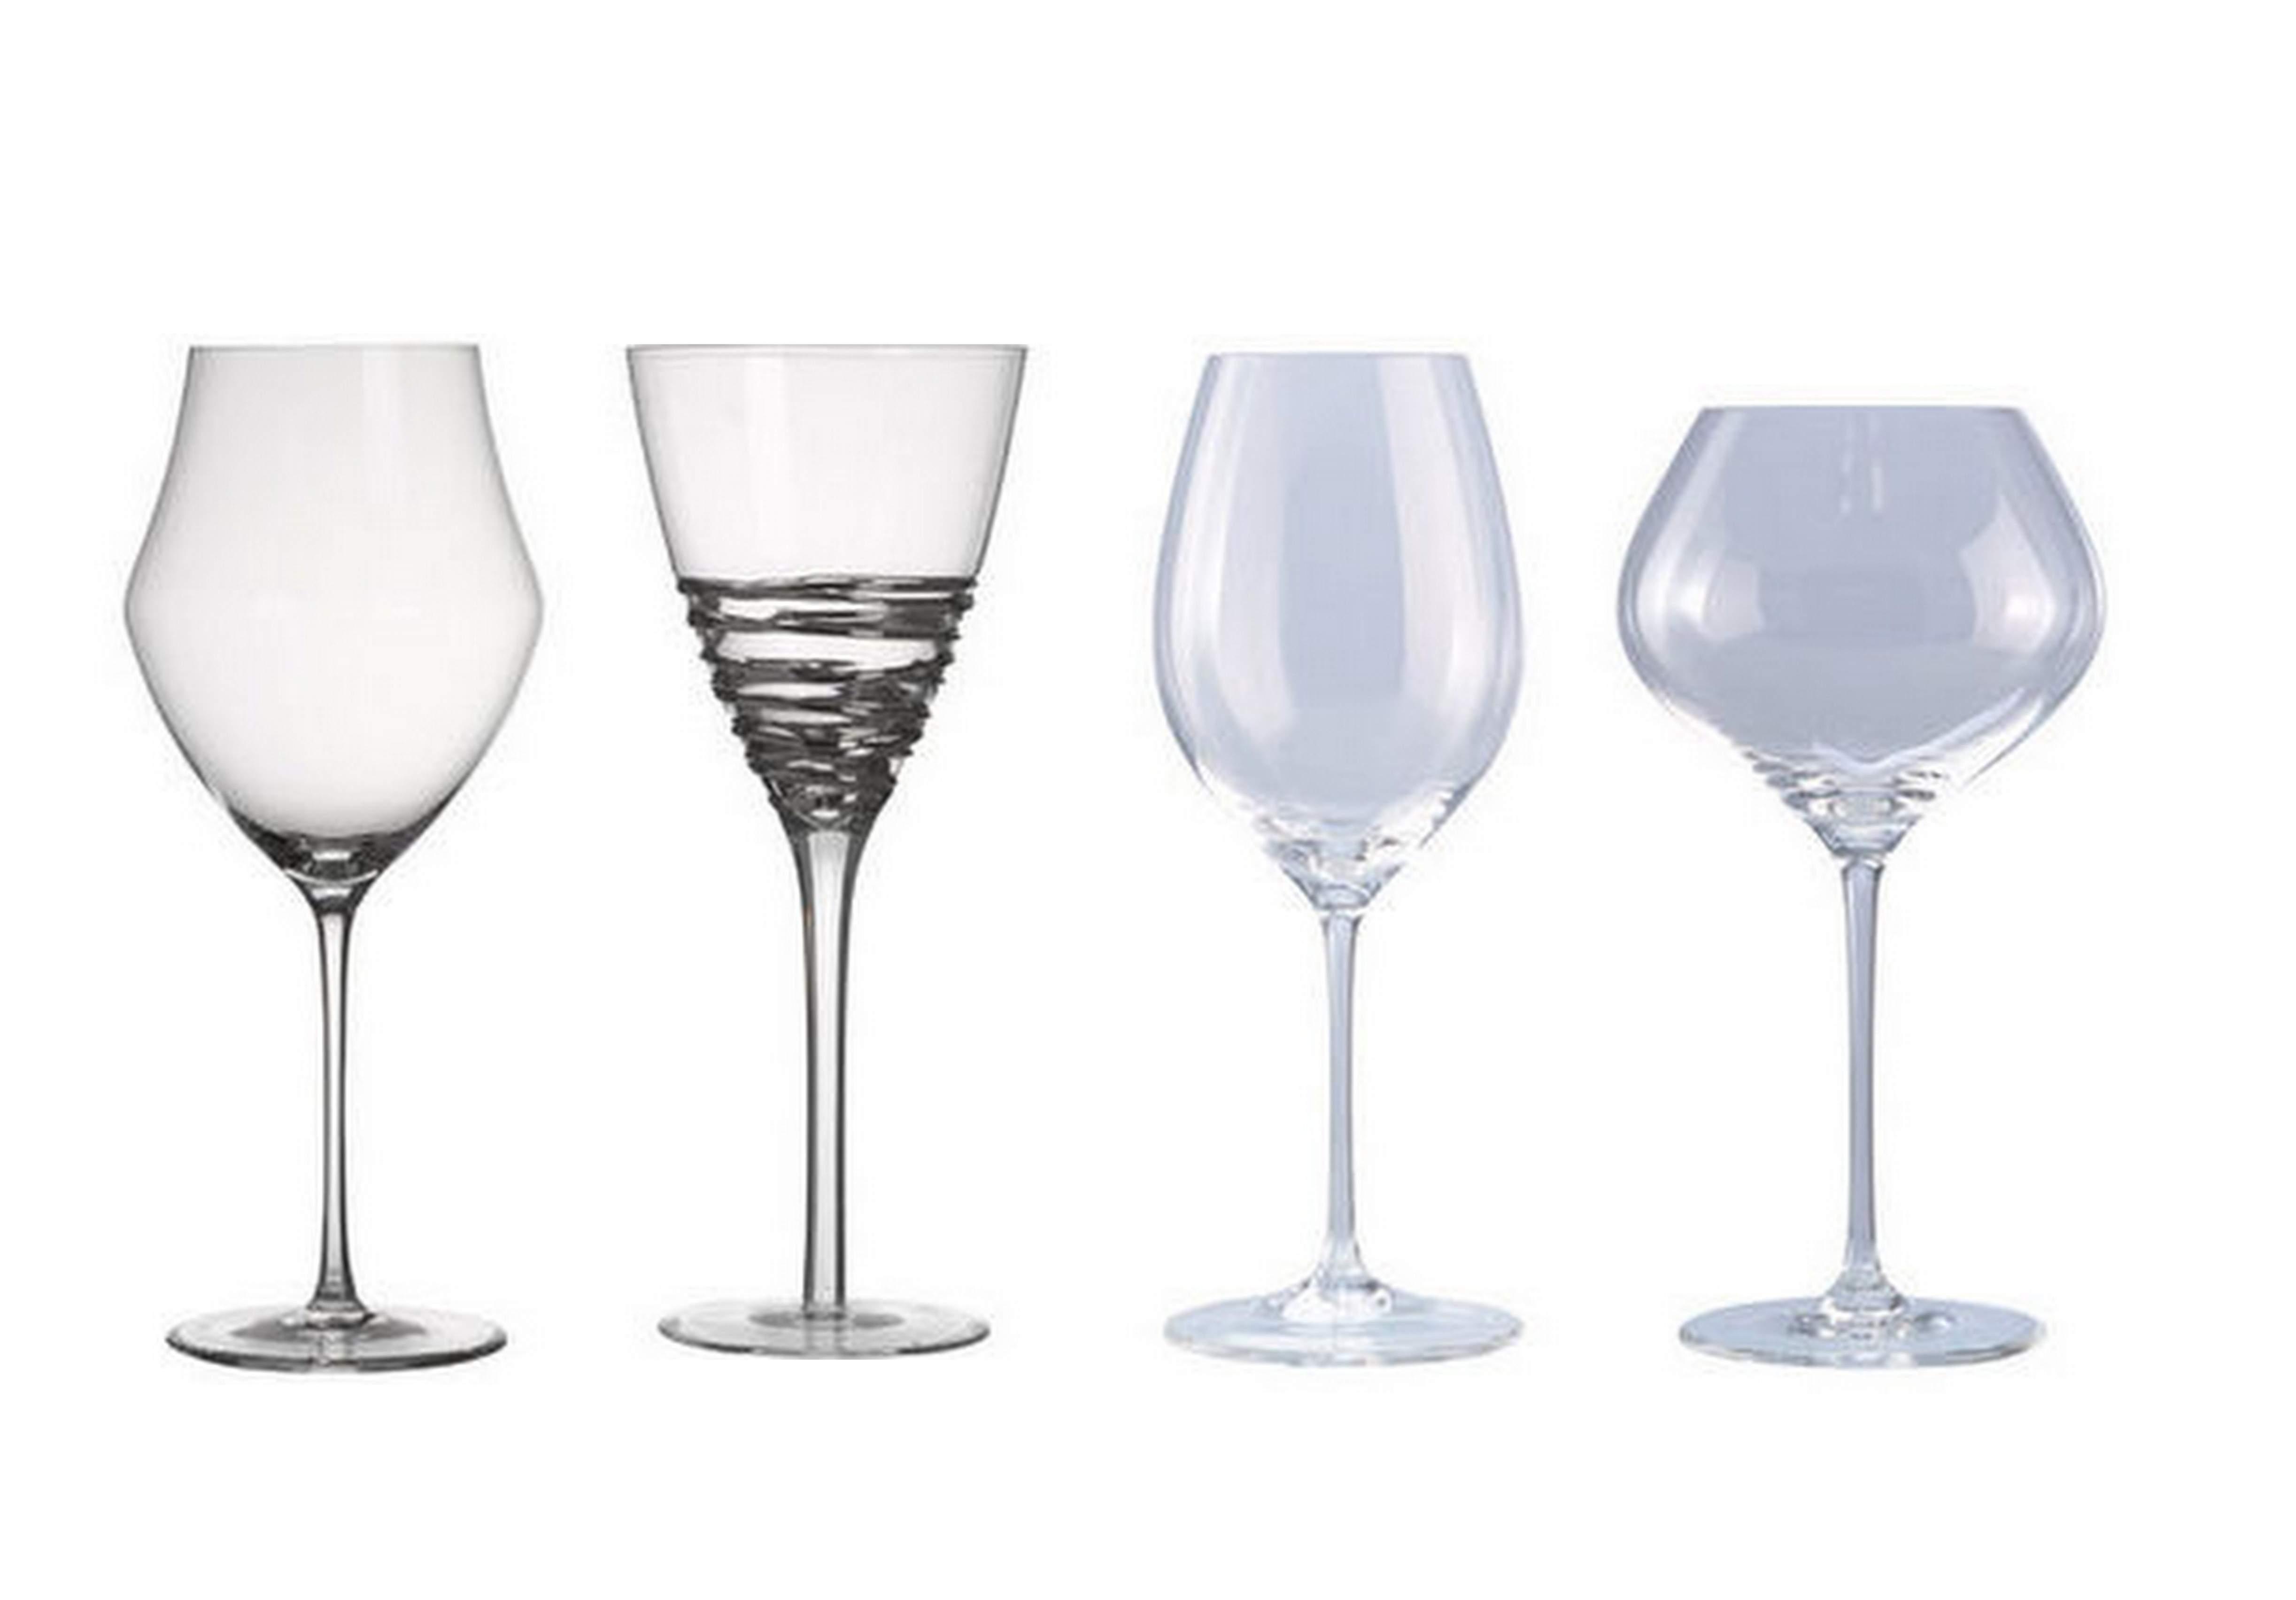 comment-bien-choisir-un-verre-vin